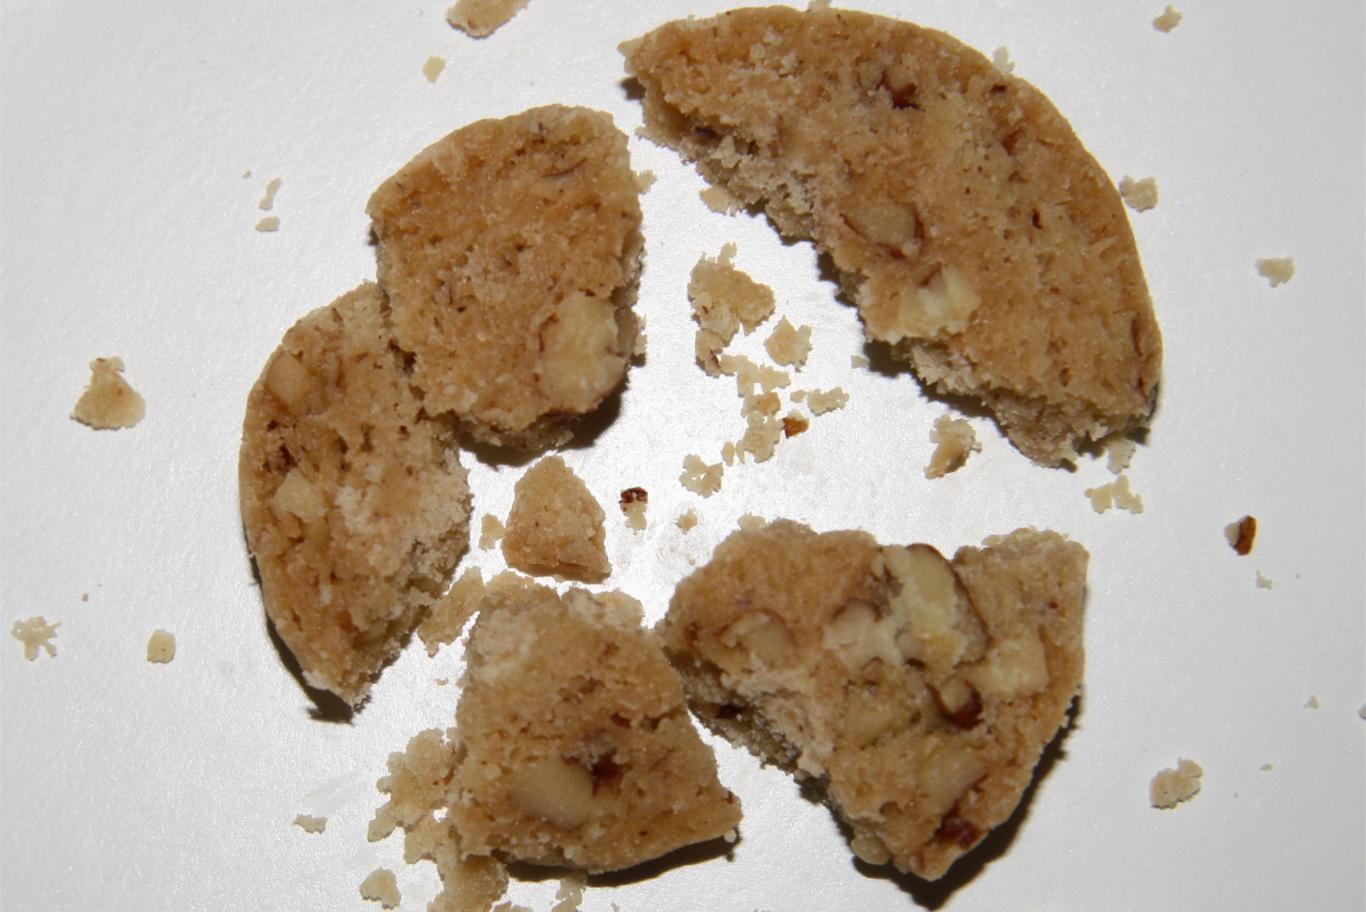 Broken cookie, epic kitchen fail